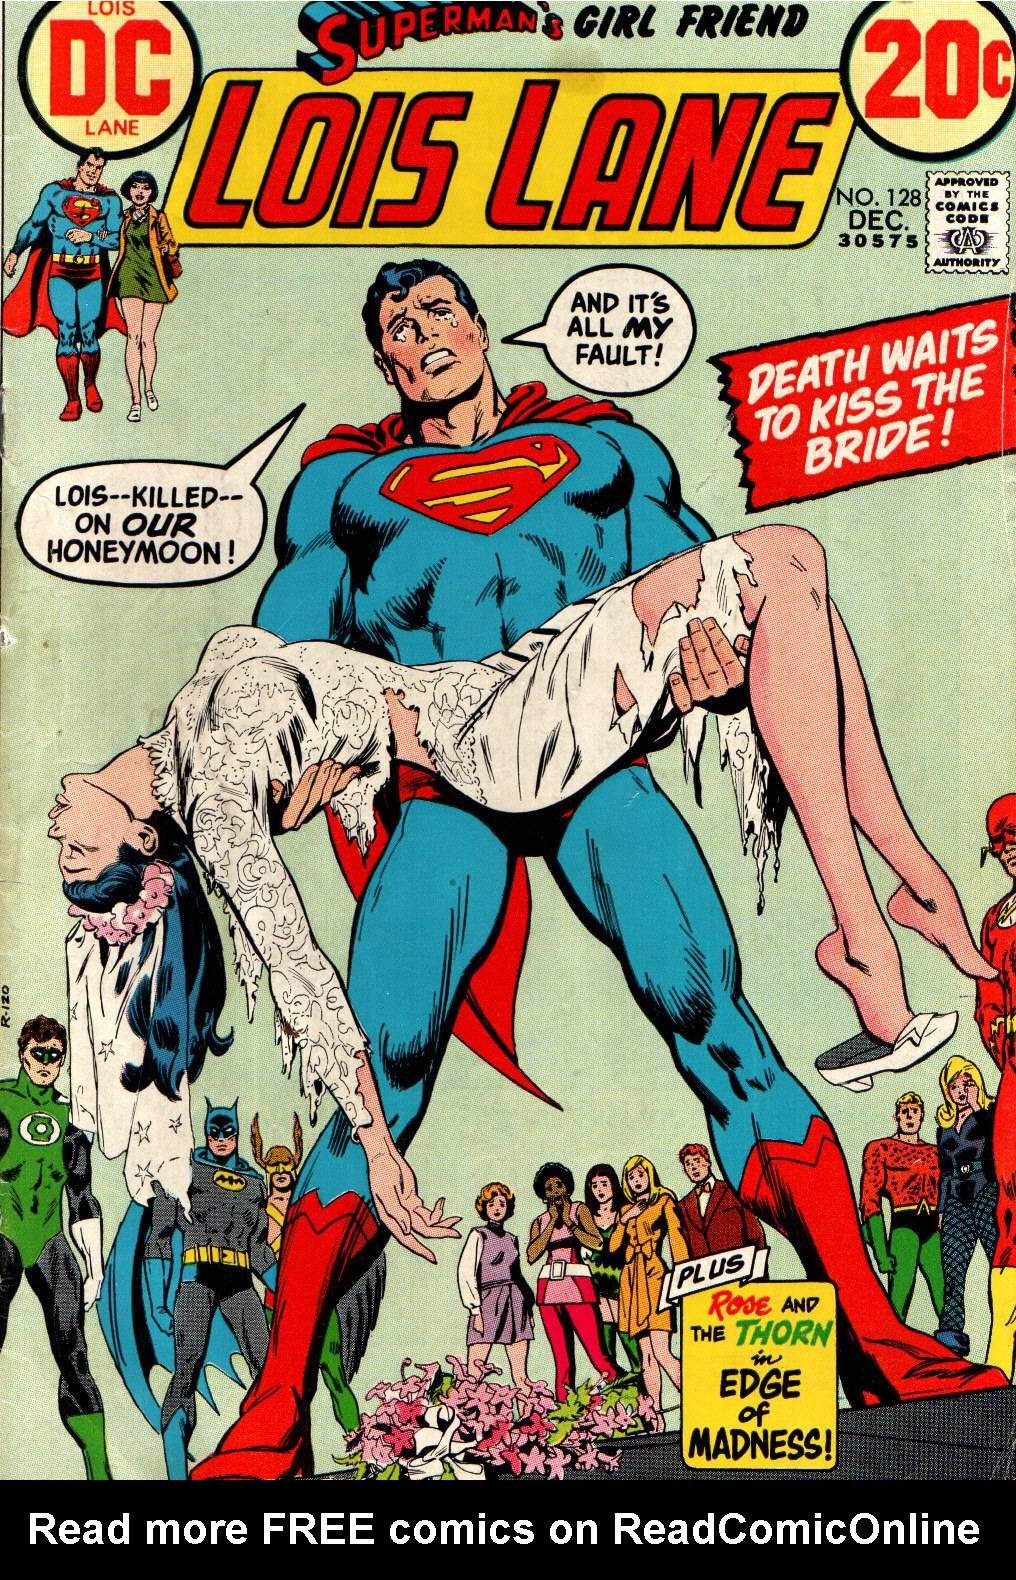 Supermans Girl Friend, Lois Lane 128 Page 1